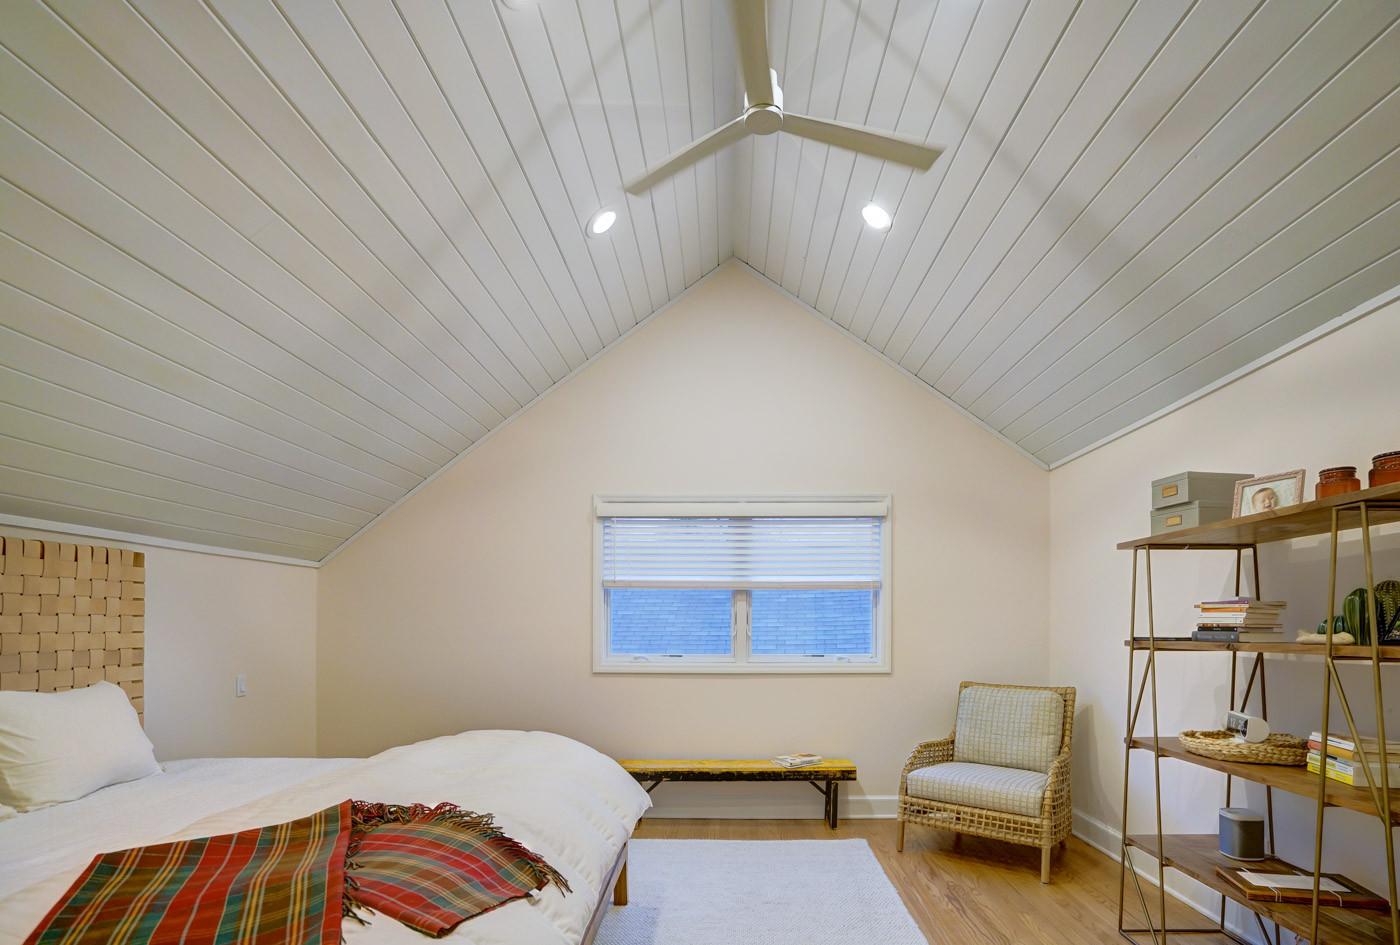 Nakoma Bedroom Remodel